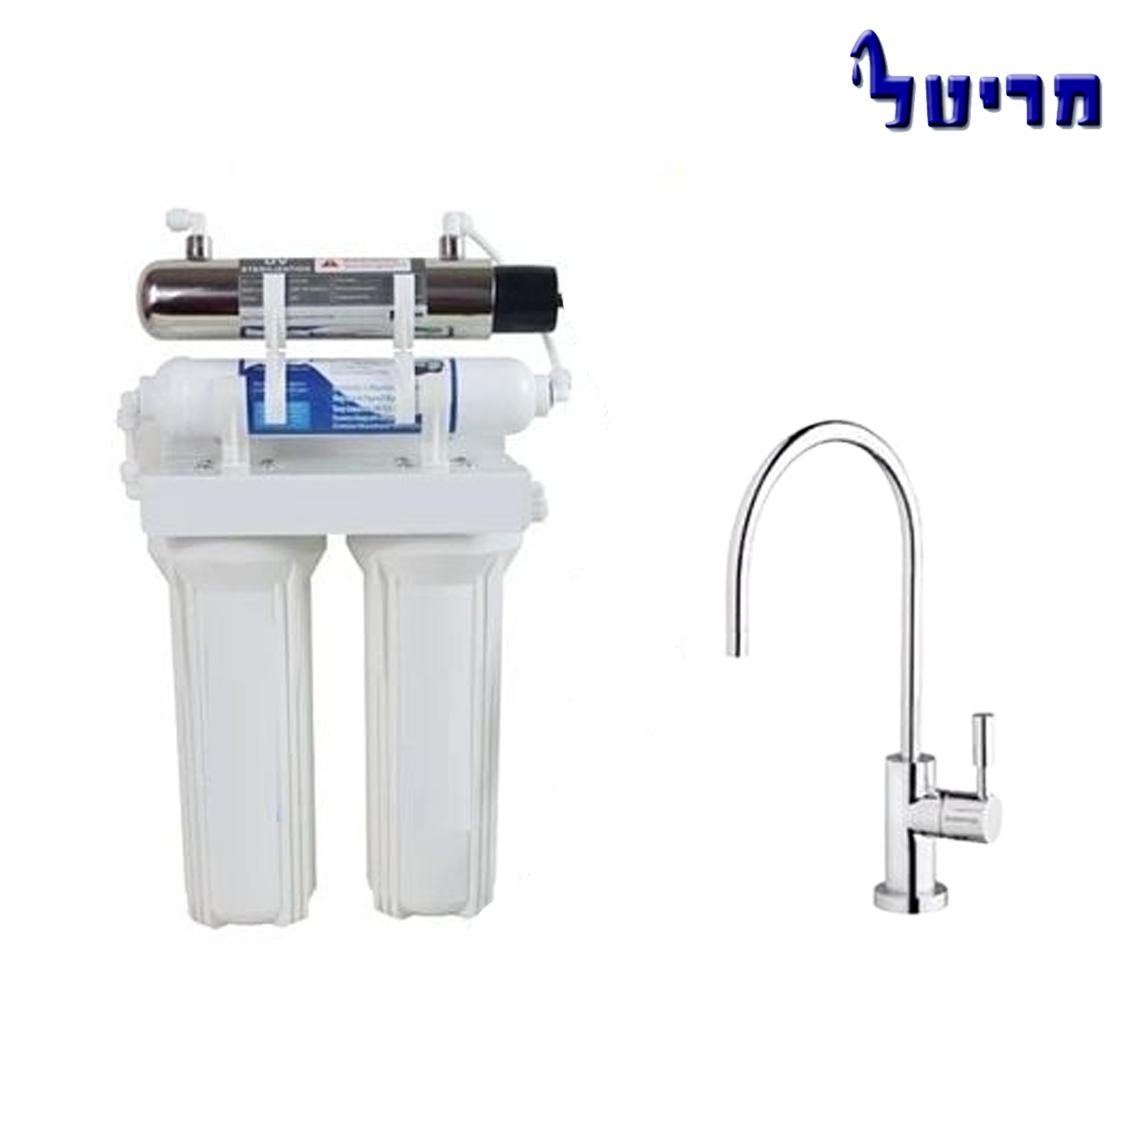 מריטל UV - מערכת טיהור מים 4 שלבים כולל מנורת UV